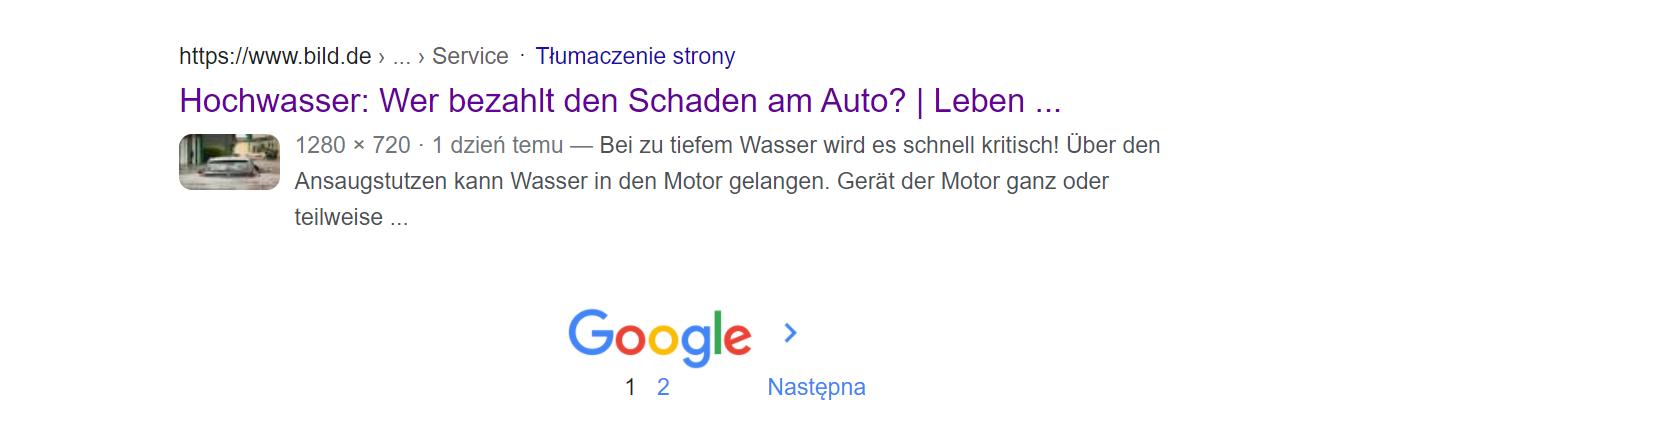 Wyniki wyszukiwania w Google Grafika